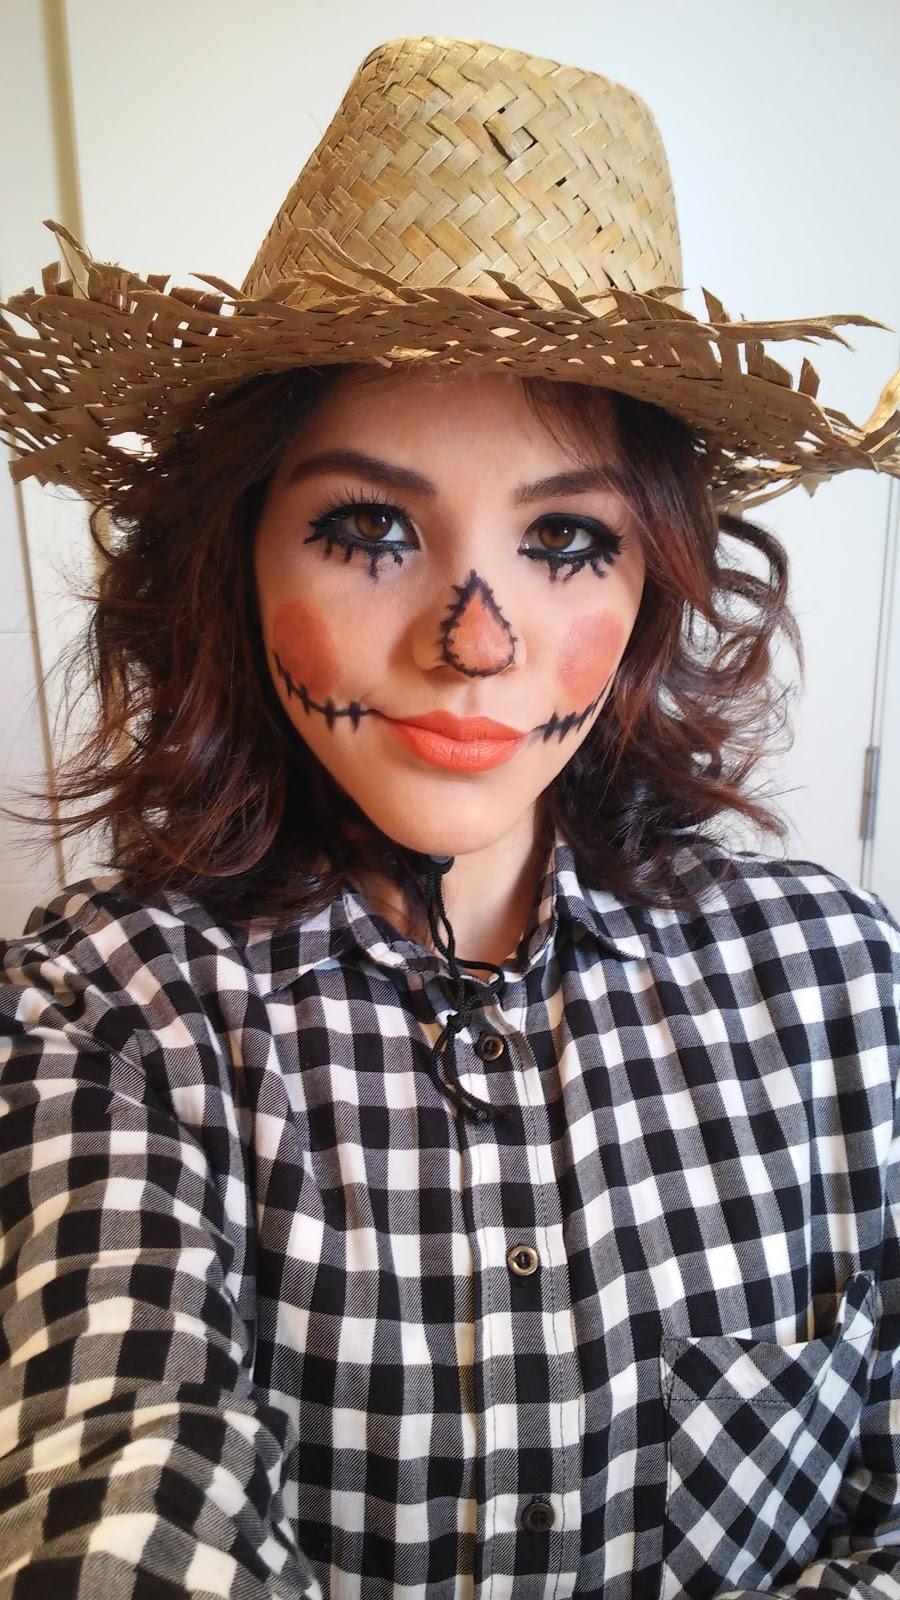 Disfraces Para Halloween Faciles Y Rapidos Secretos De Claire - Disfraz-facil-y-rapido-para-mujer